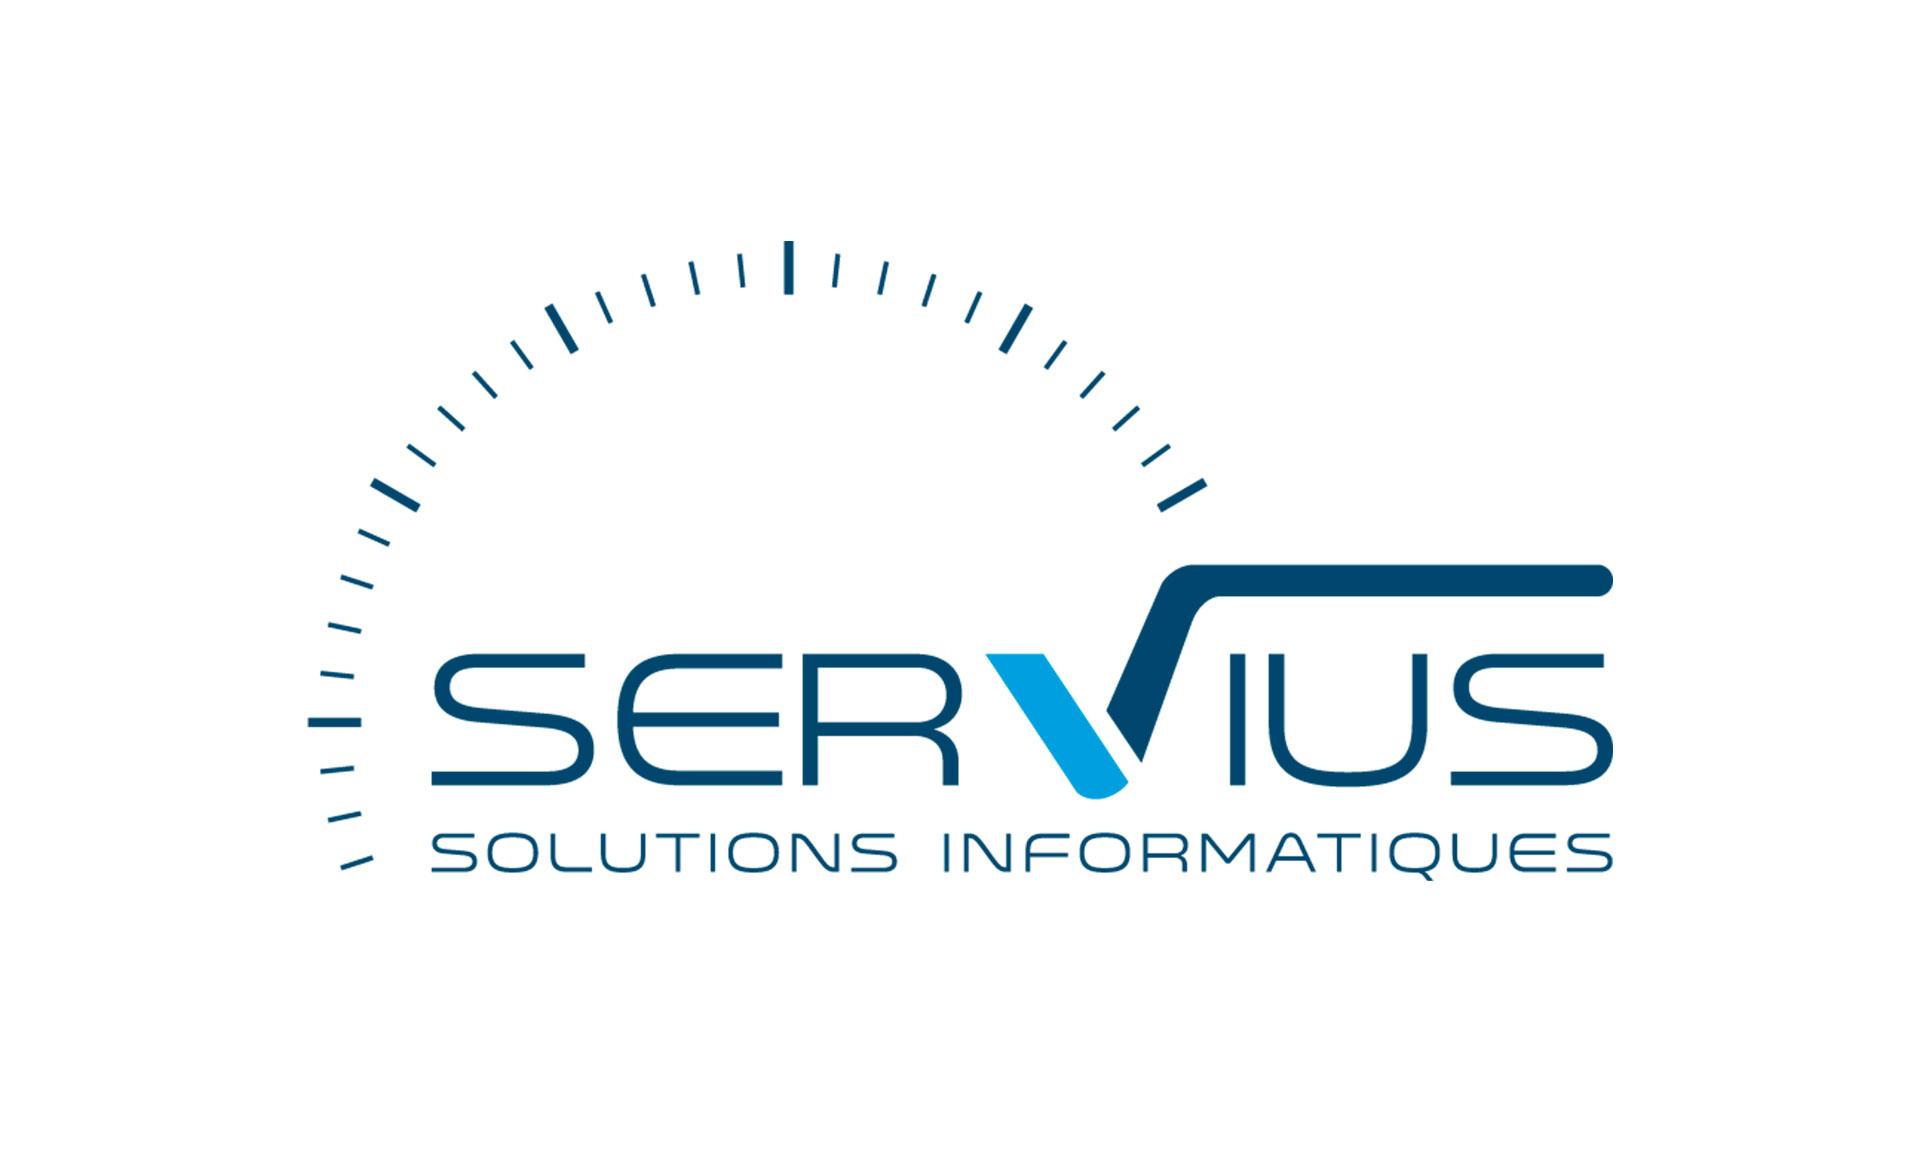 Société Servius, Jean-Charles GIEN, création de sites Internet à Mâcon (71) et Lyon (69)